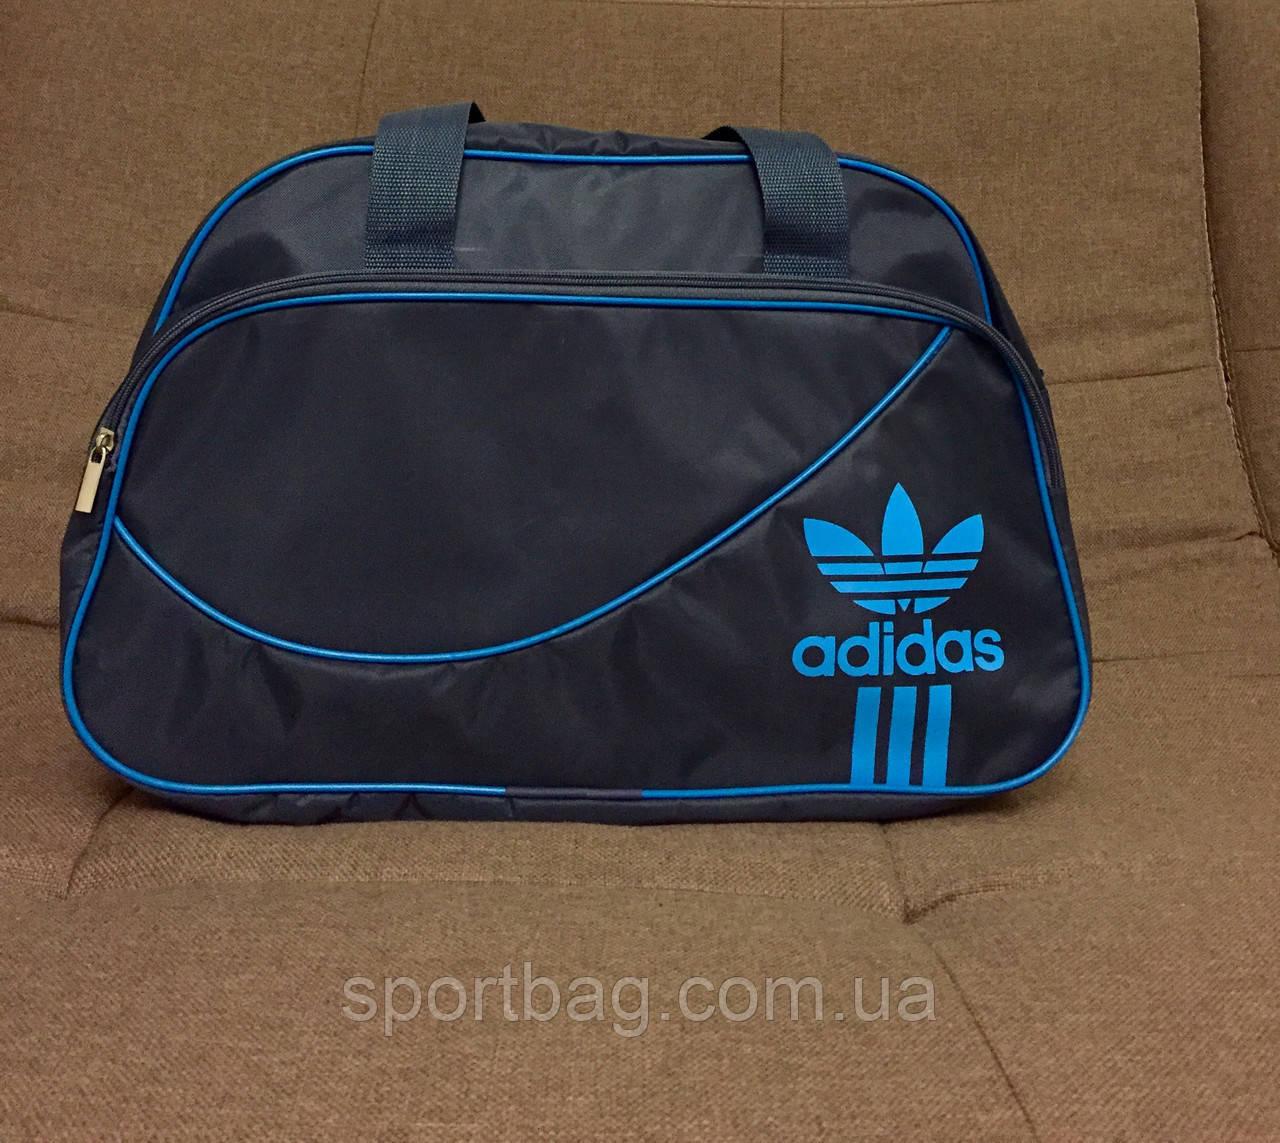 ad46c9a2 Сумка спортивная Adidas БЖ (серый+голубой цвет) - Интернет-магазин Sportbag.